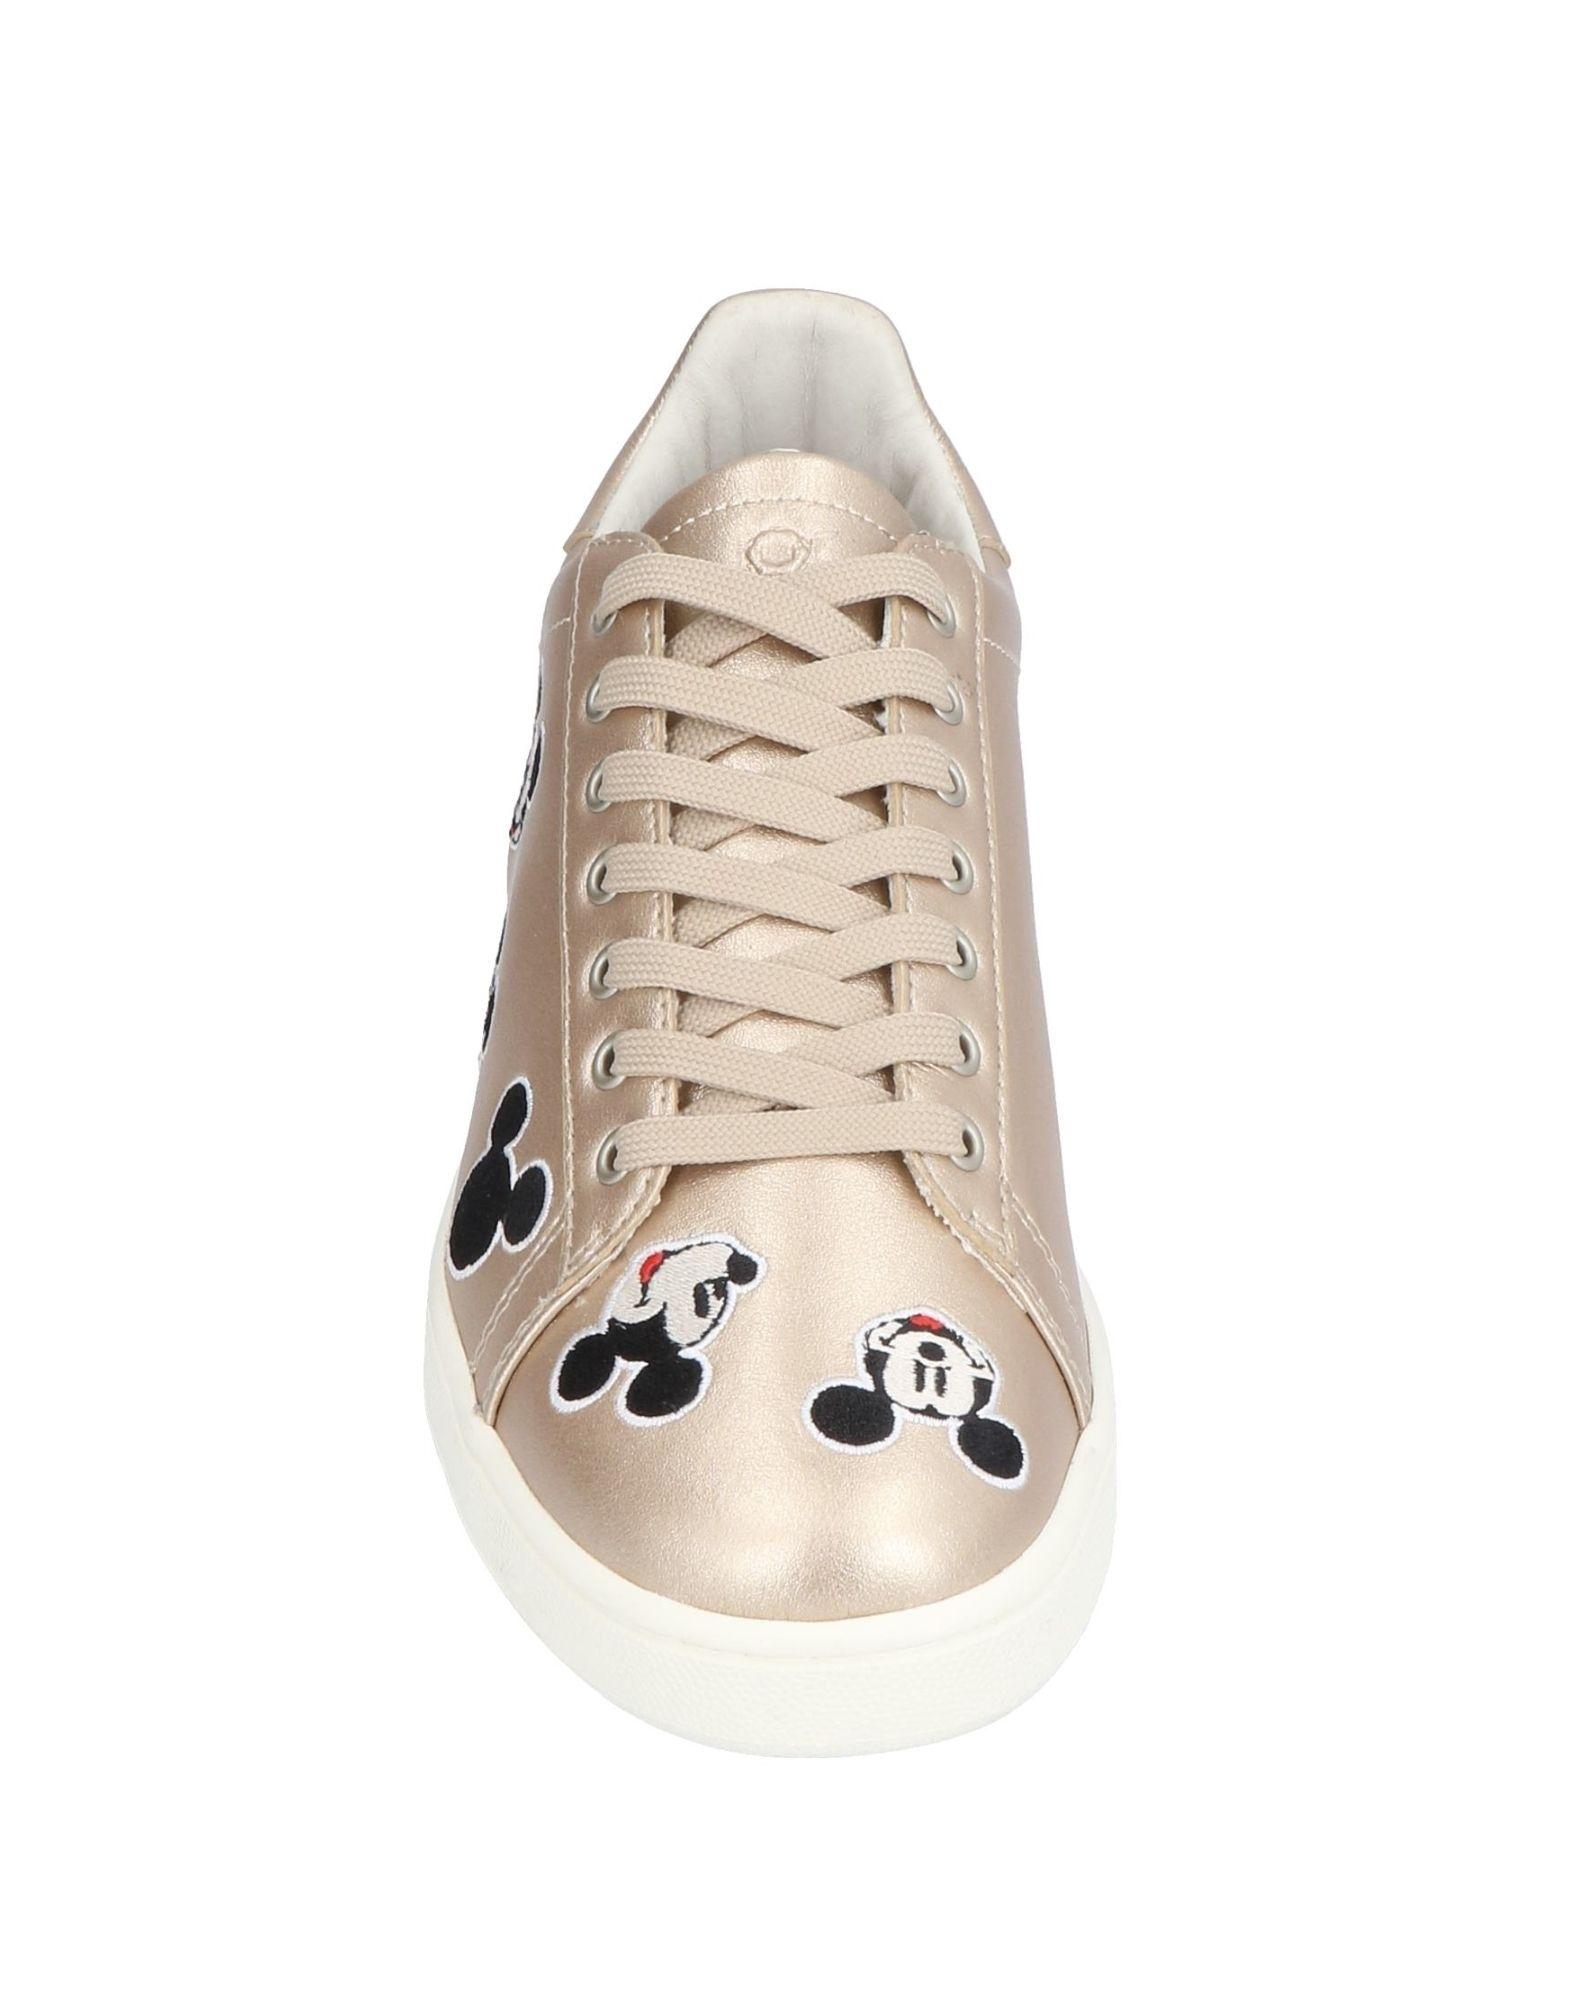 Moa Herren Master Of Arts Sneakers Herren Moa  11488761IC aed087